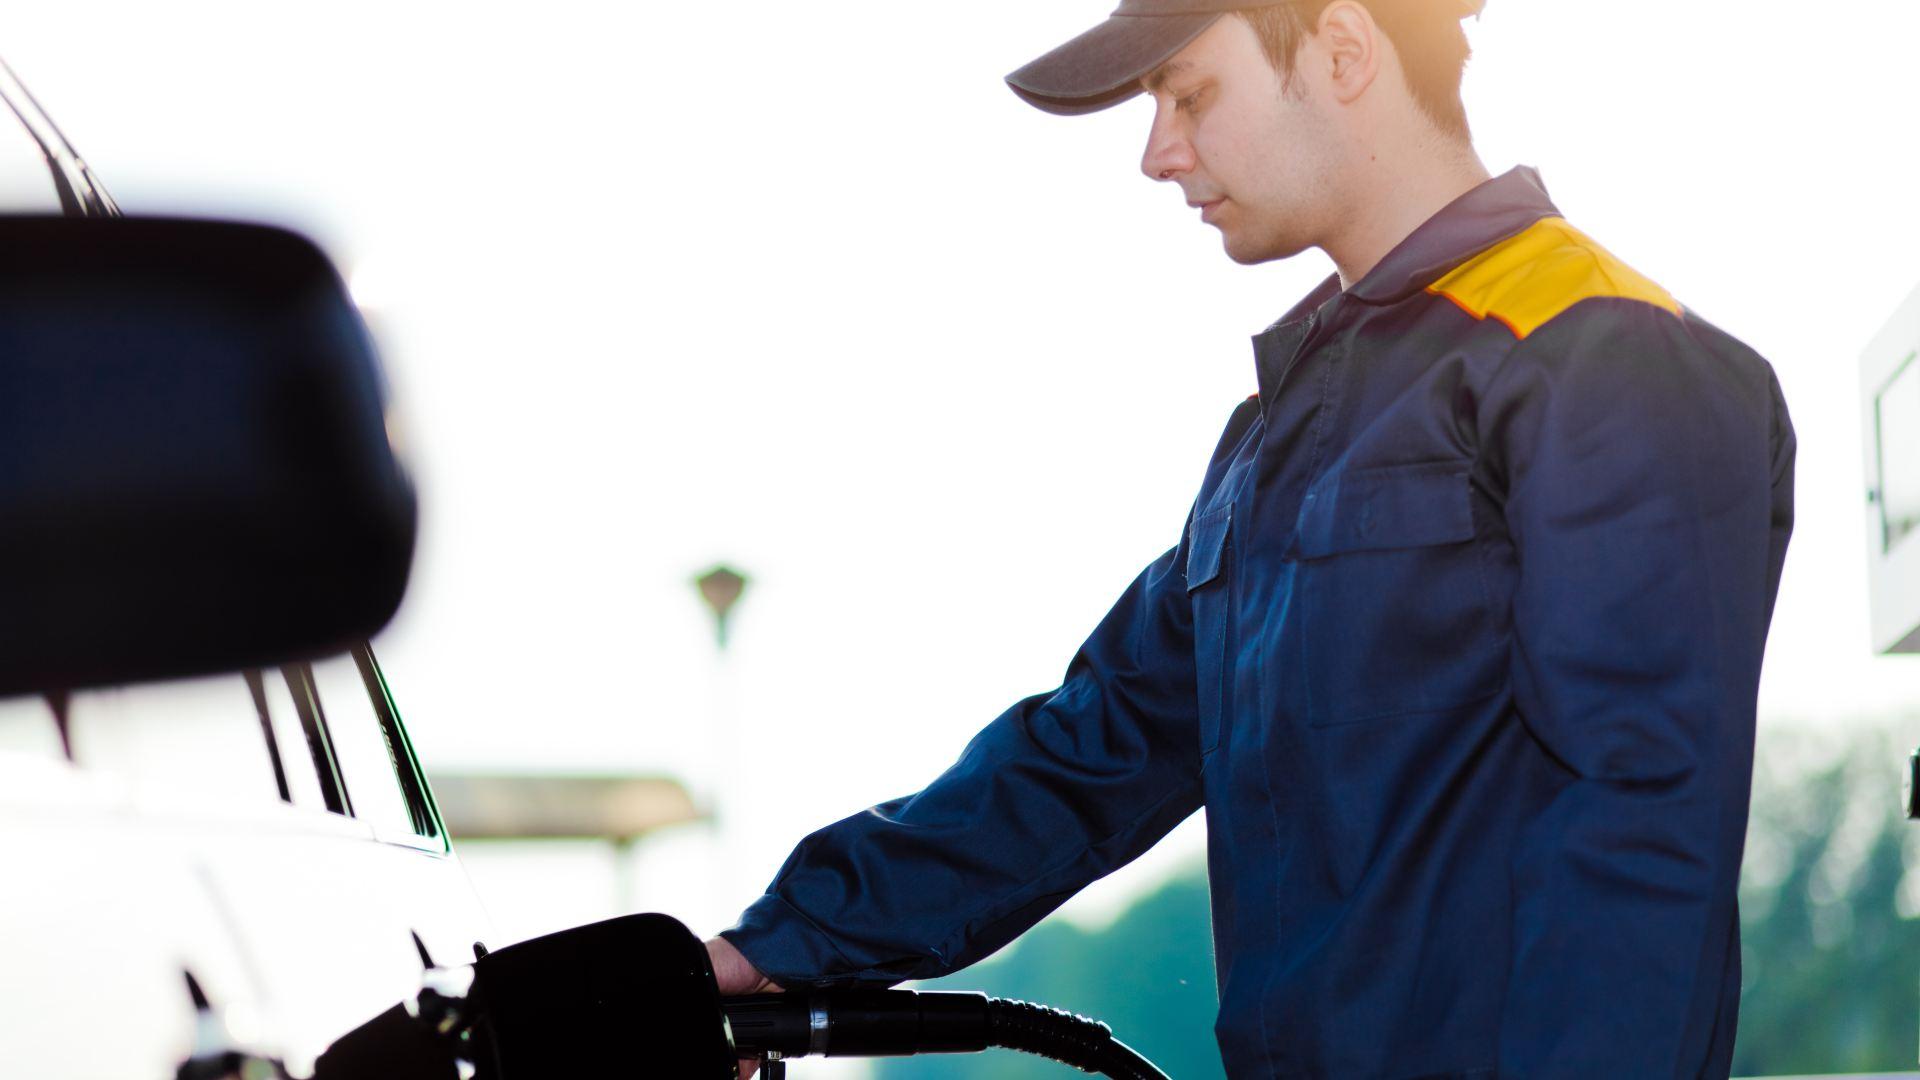 Apresentação pessoal do frentista: o cartão de visita do posto de combustível